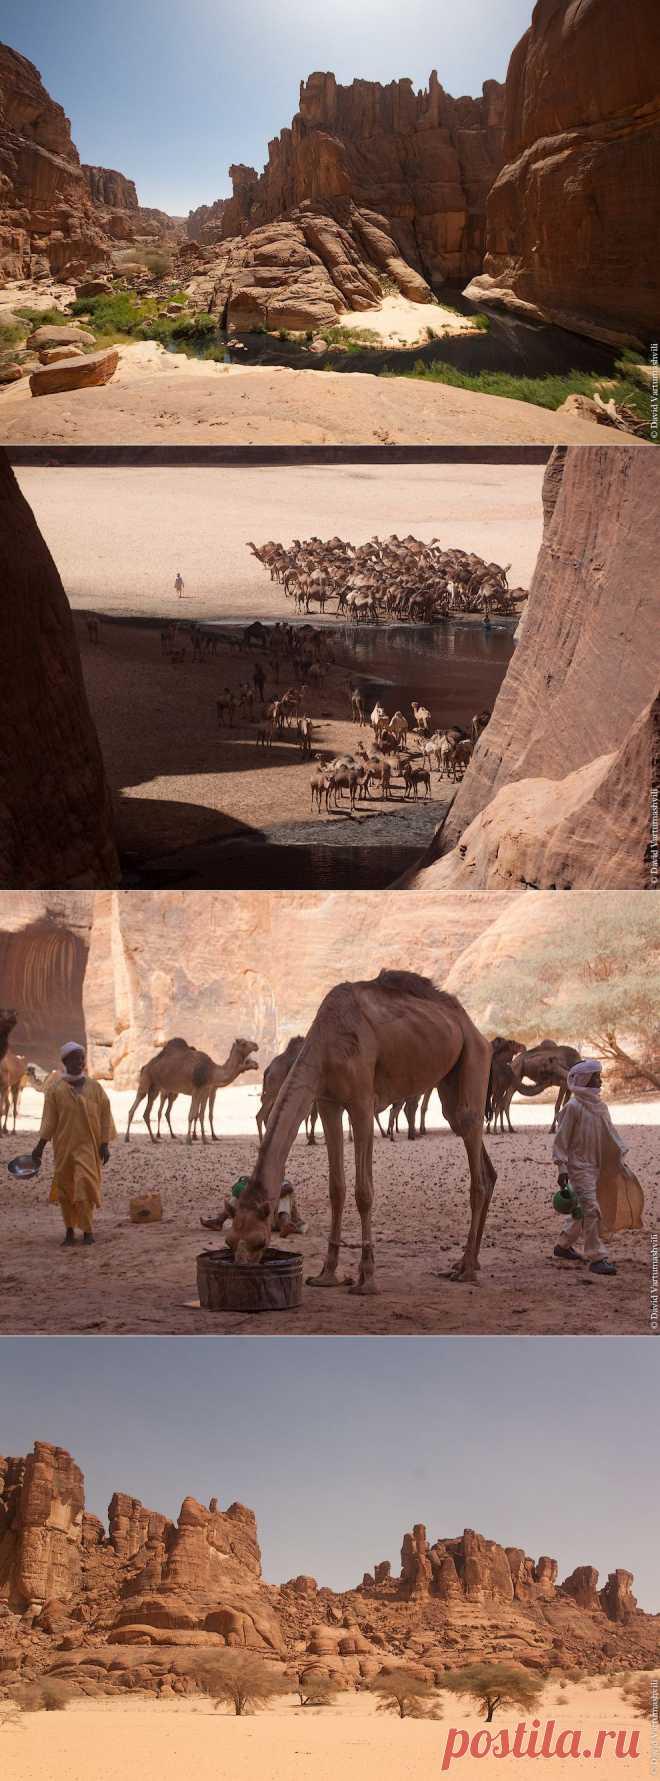 >> Гельта д'Аршей в пустыне Сахара